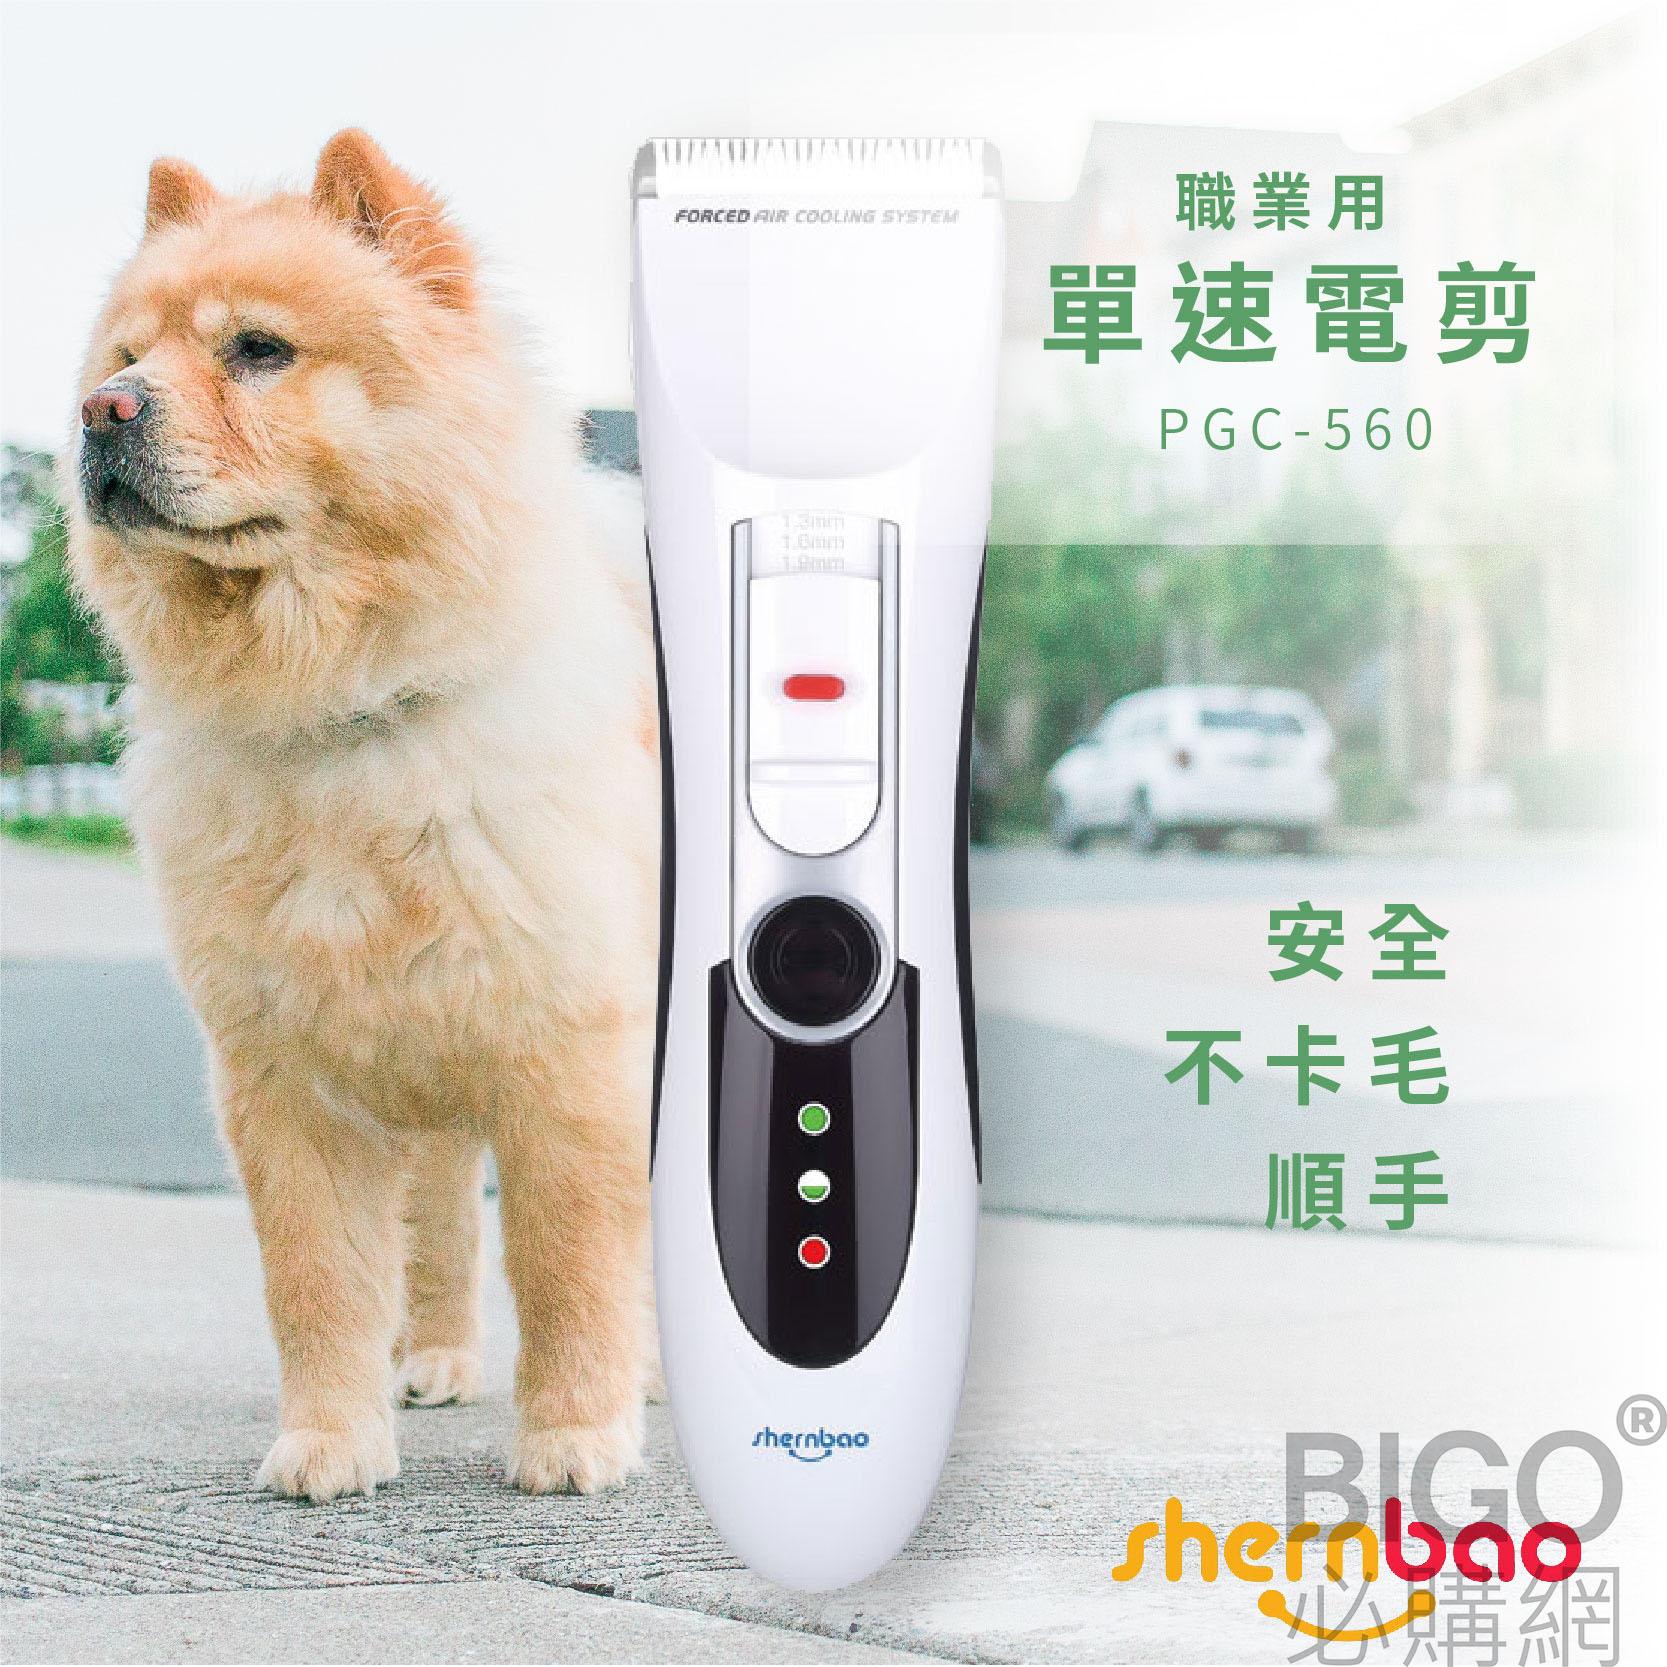 牠的型👉你行 PGC-560 單速電剪 不卡毛 安全 寵物修毛 寵物剃毛 電剪 段數可調 寵物用品 寵物美容 職業用